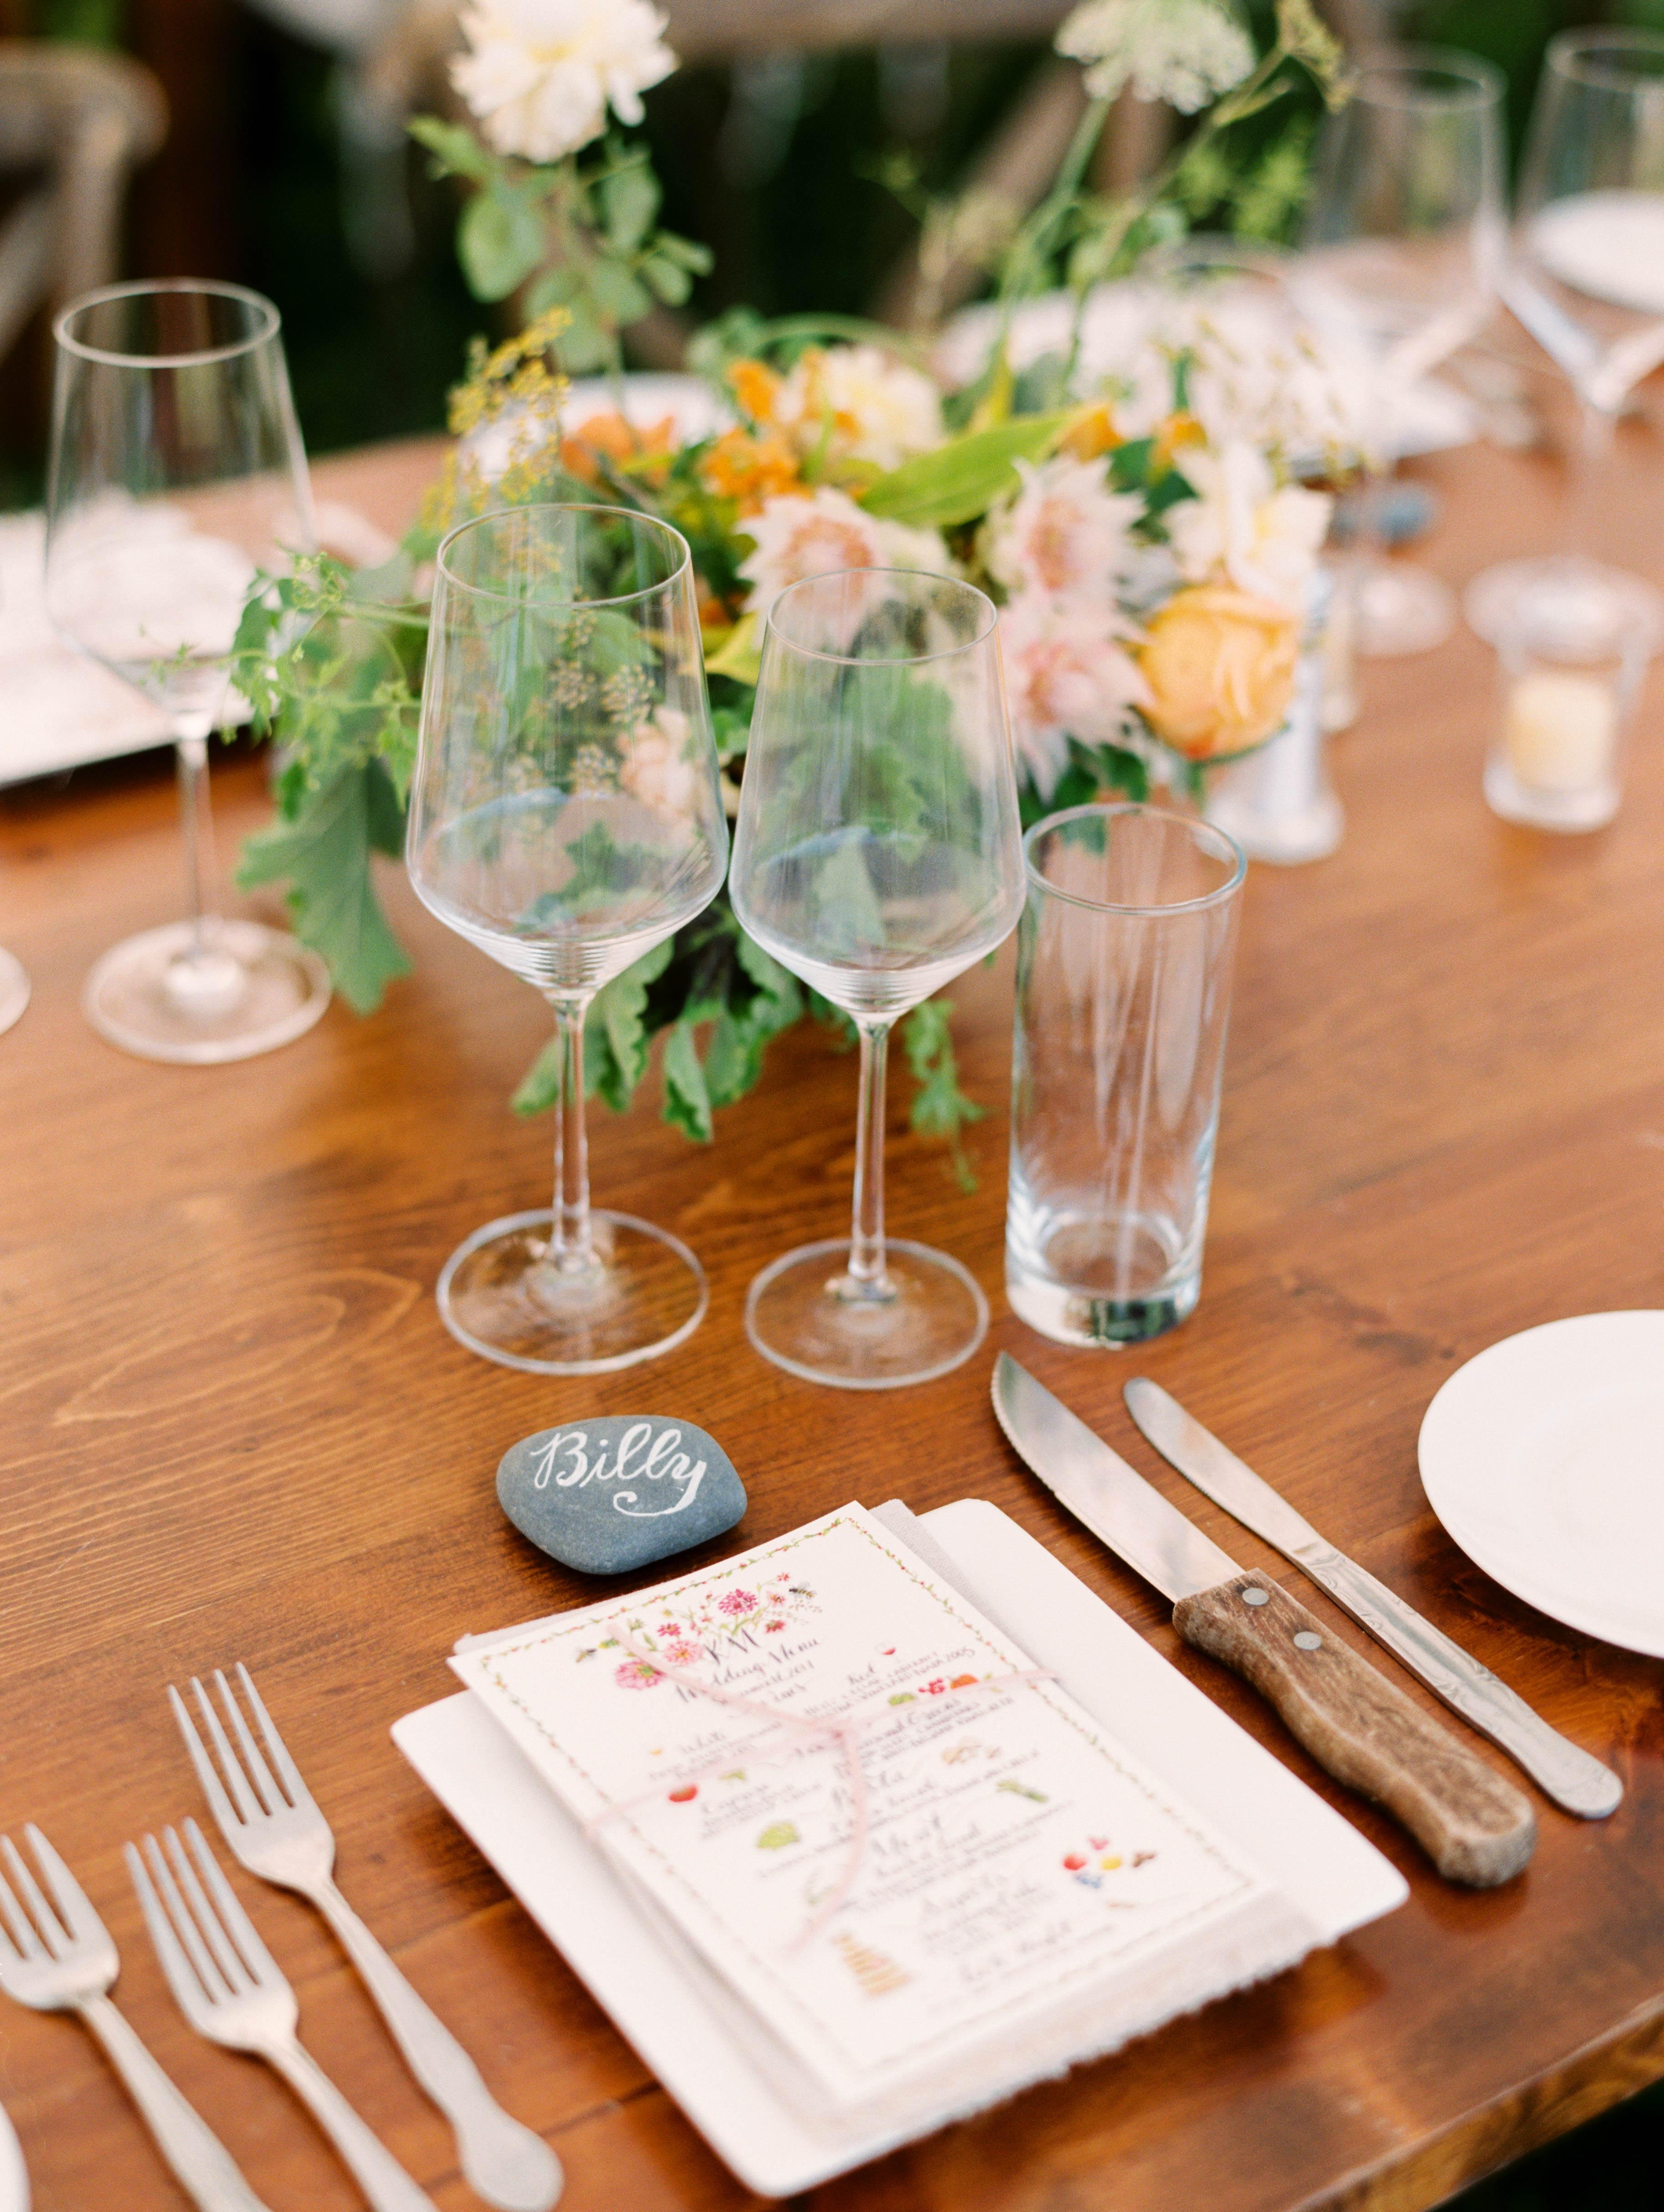 kayla michael wedding place setting